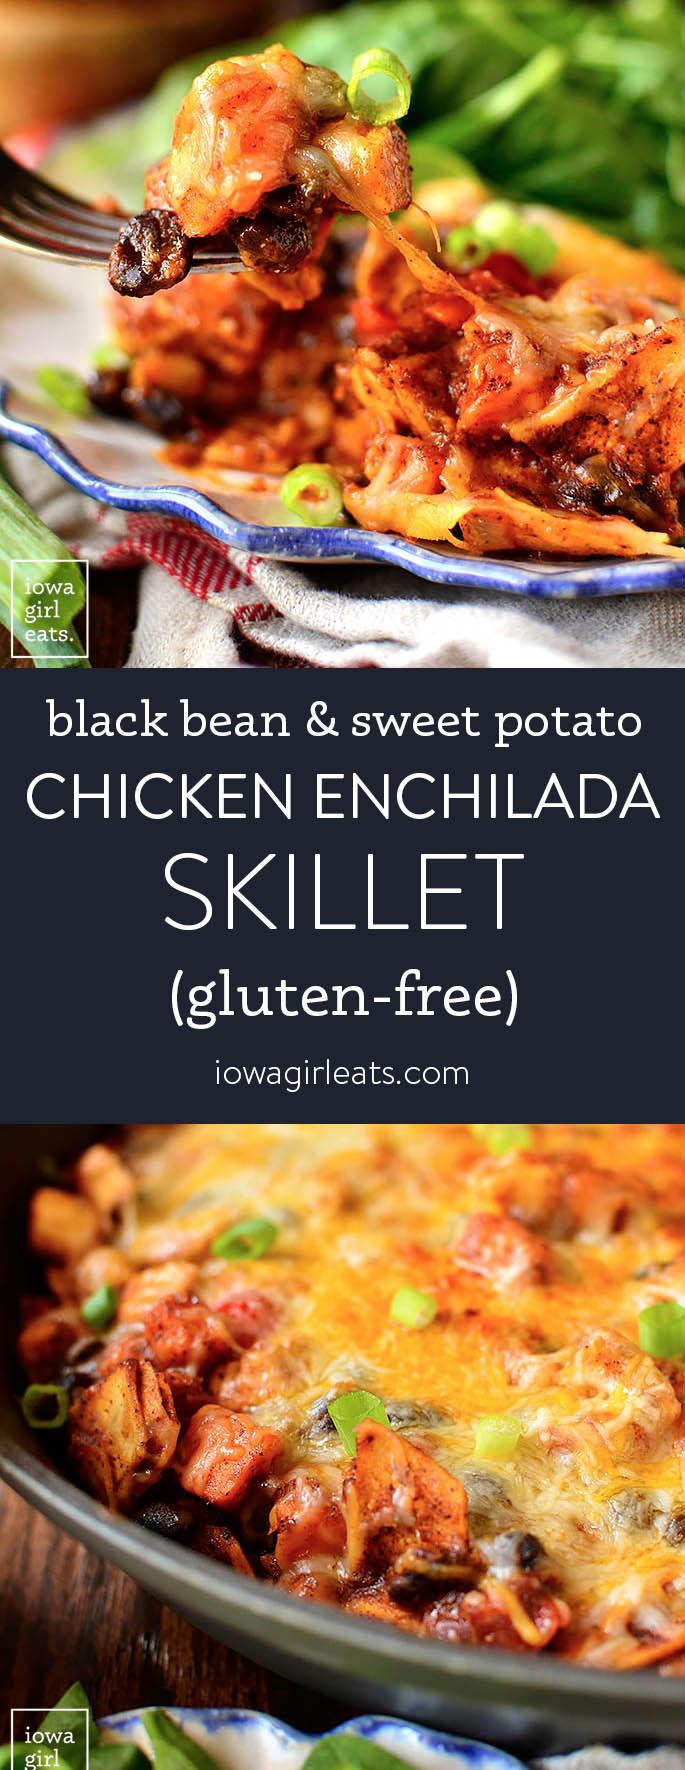 Photo collage of chicken enchilada skillet